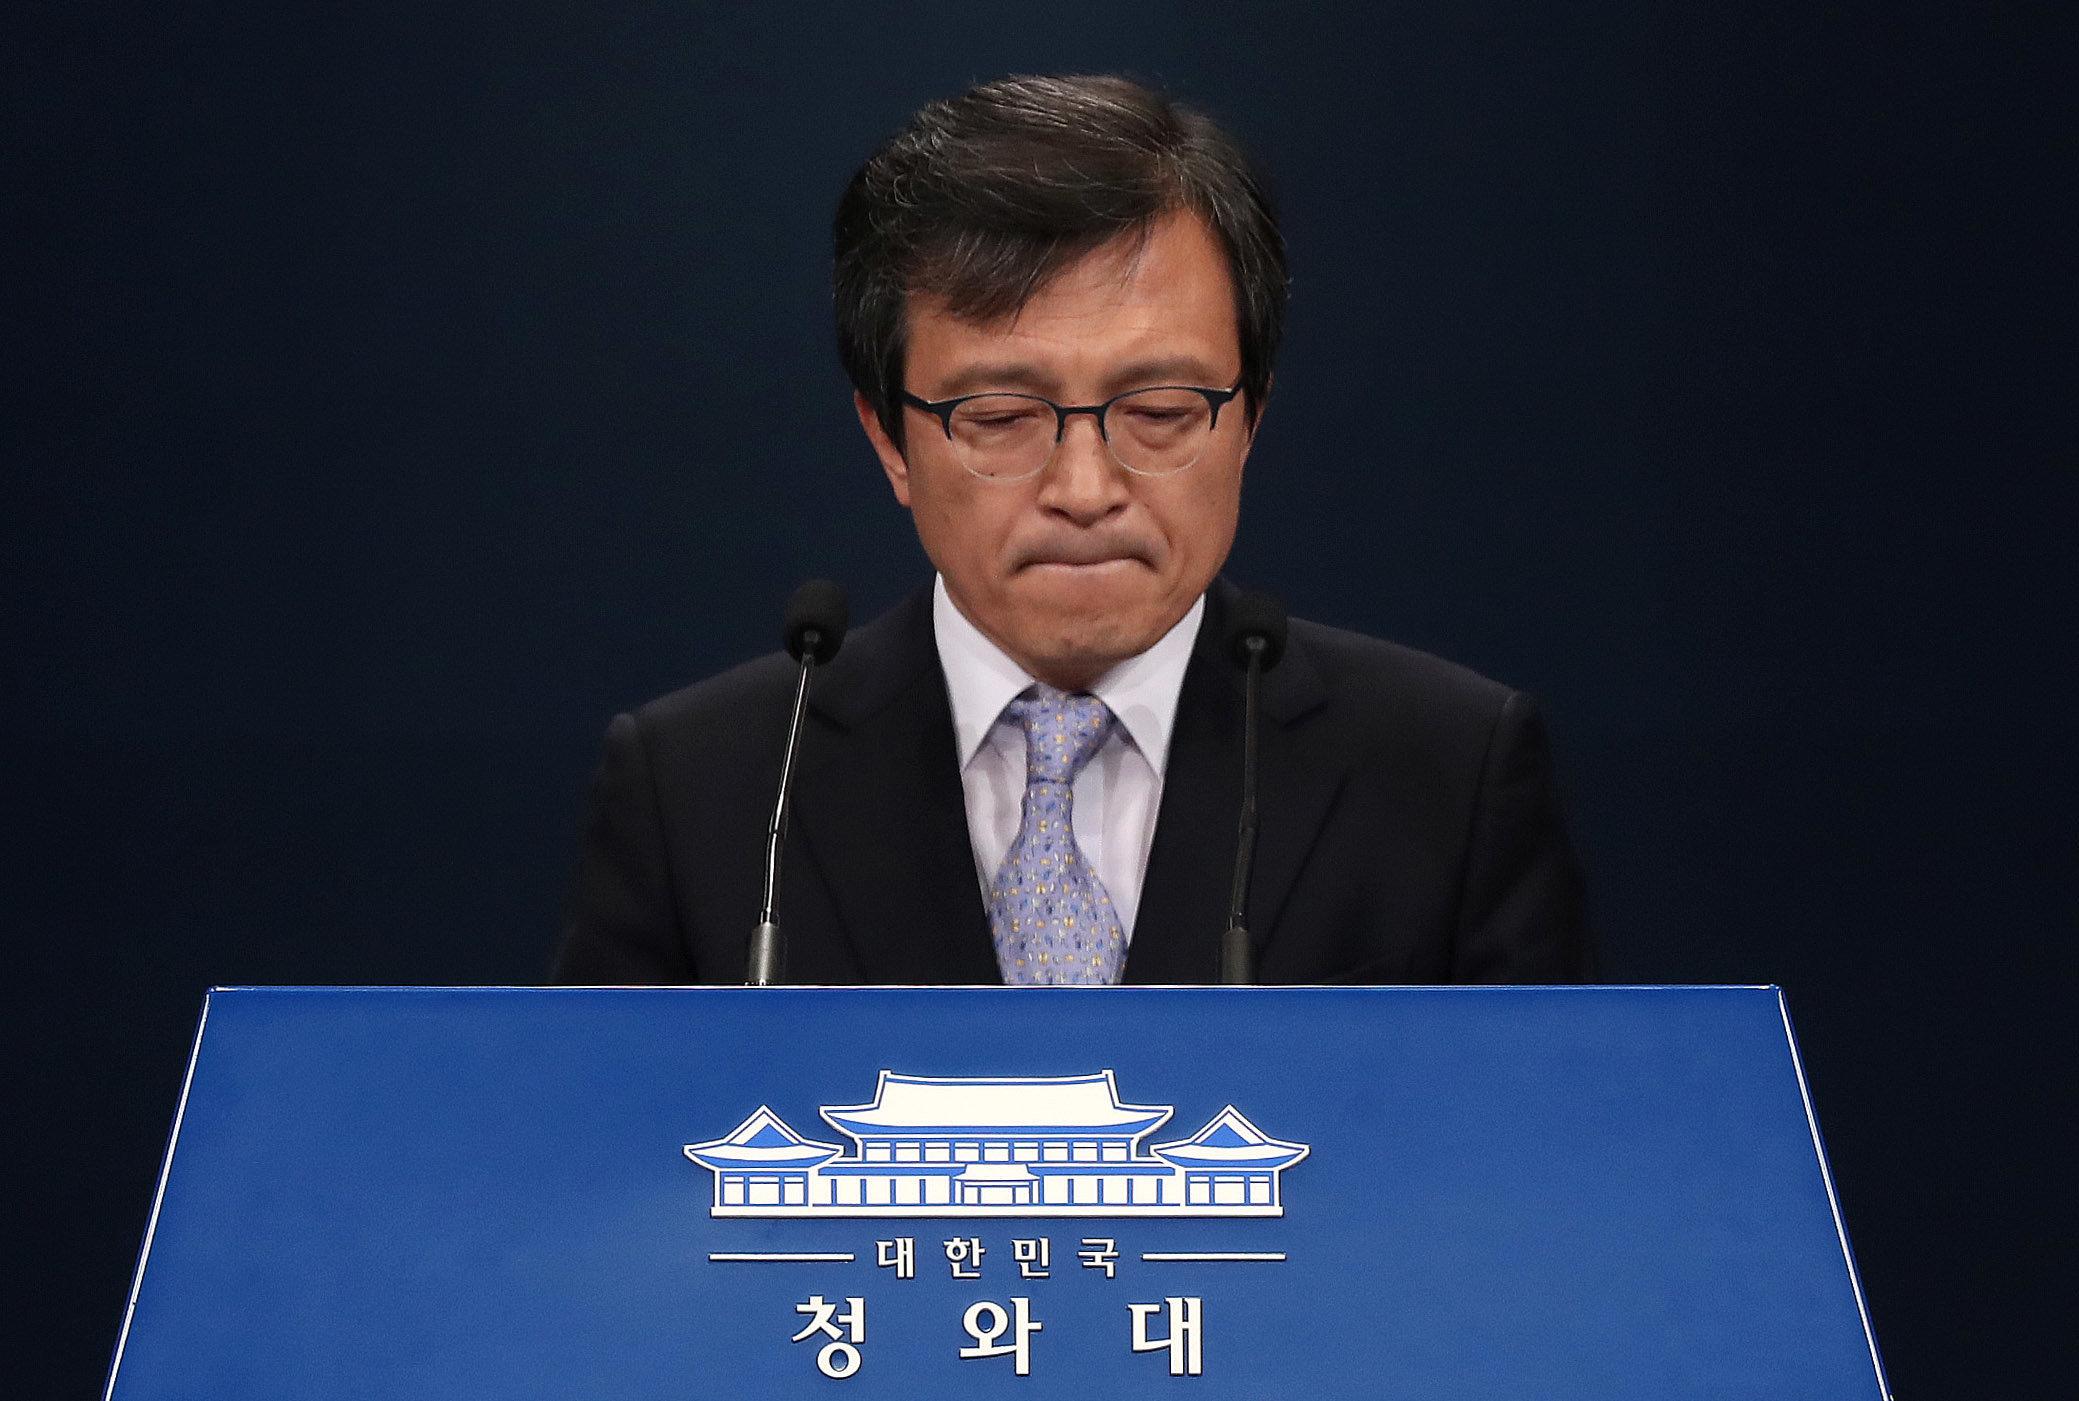 청와대가 북미 고위급회담 연기에 대한 입장을